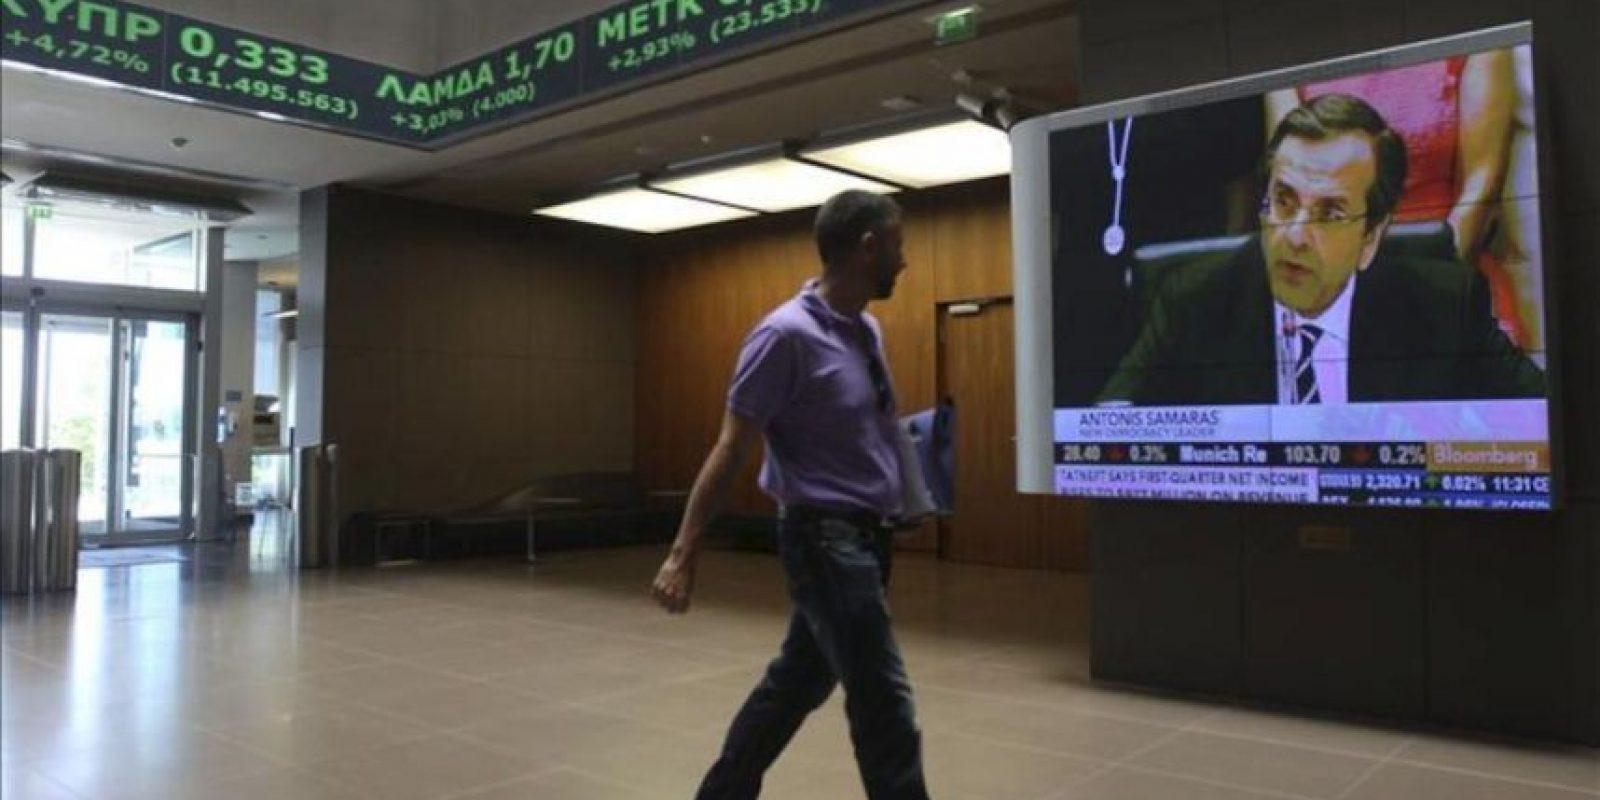 Un hombre pasa delante de una pantalla que muestra a Antonis Samaras, líder del partido Nueva Democracia, en la Bolsa de Atenas (Grecia). EFE/Archivo